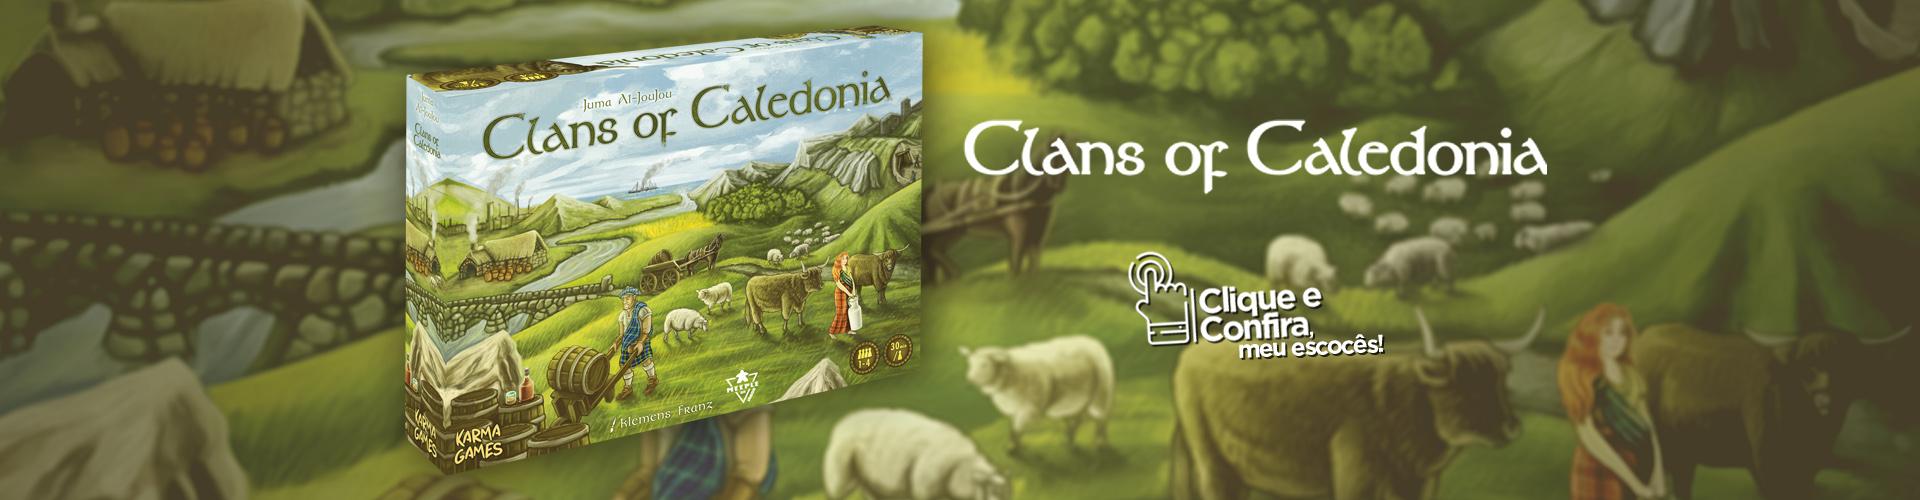 Pré-venda: Clãs da Caledonia